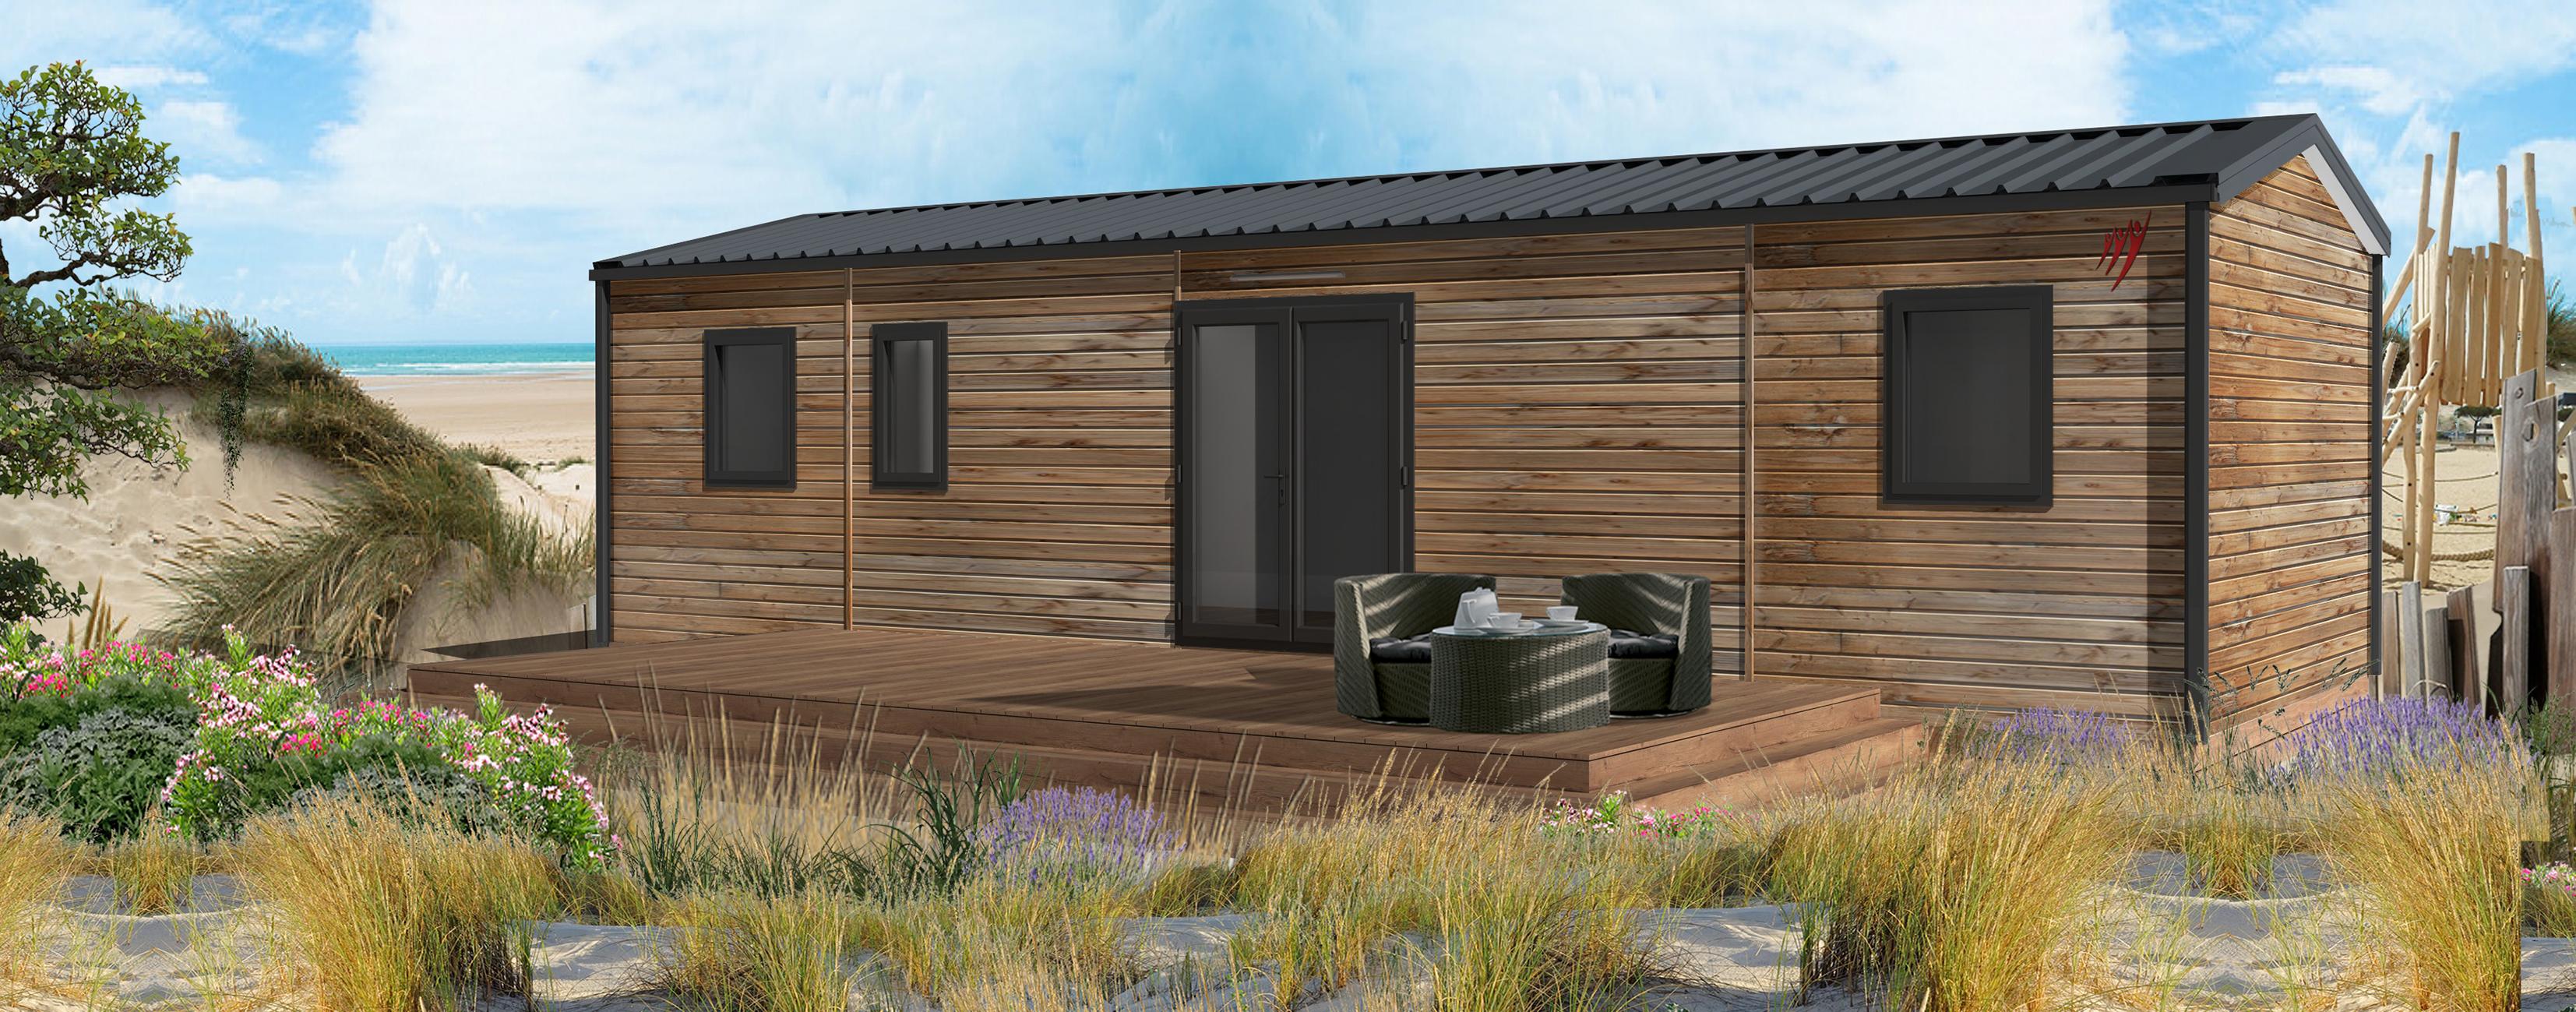 Location - Cottage Le P'tit Quercynois - 3 Chambres - 2 Salles De Bain - Camping Sites et Paysages Le Ventoulou